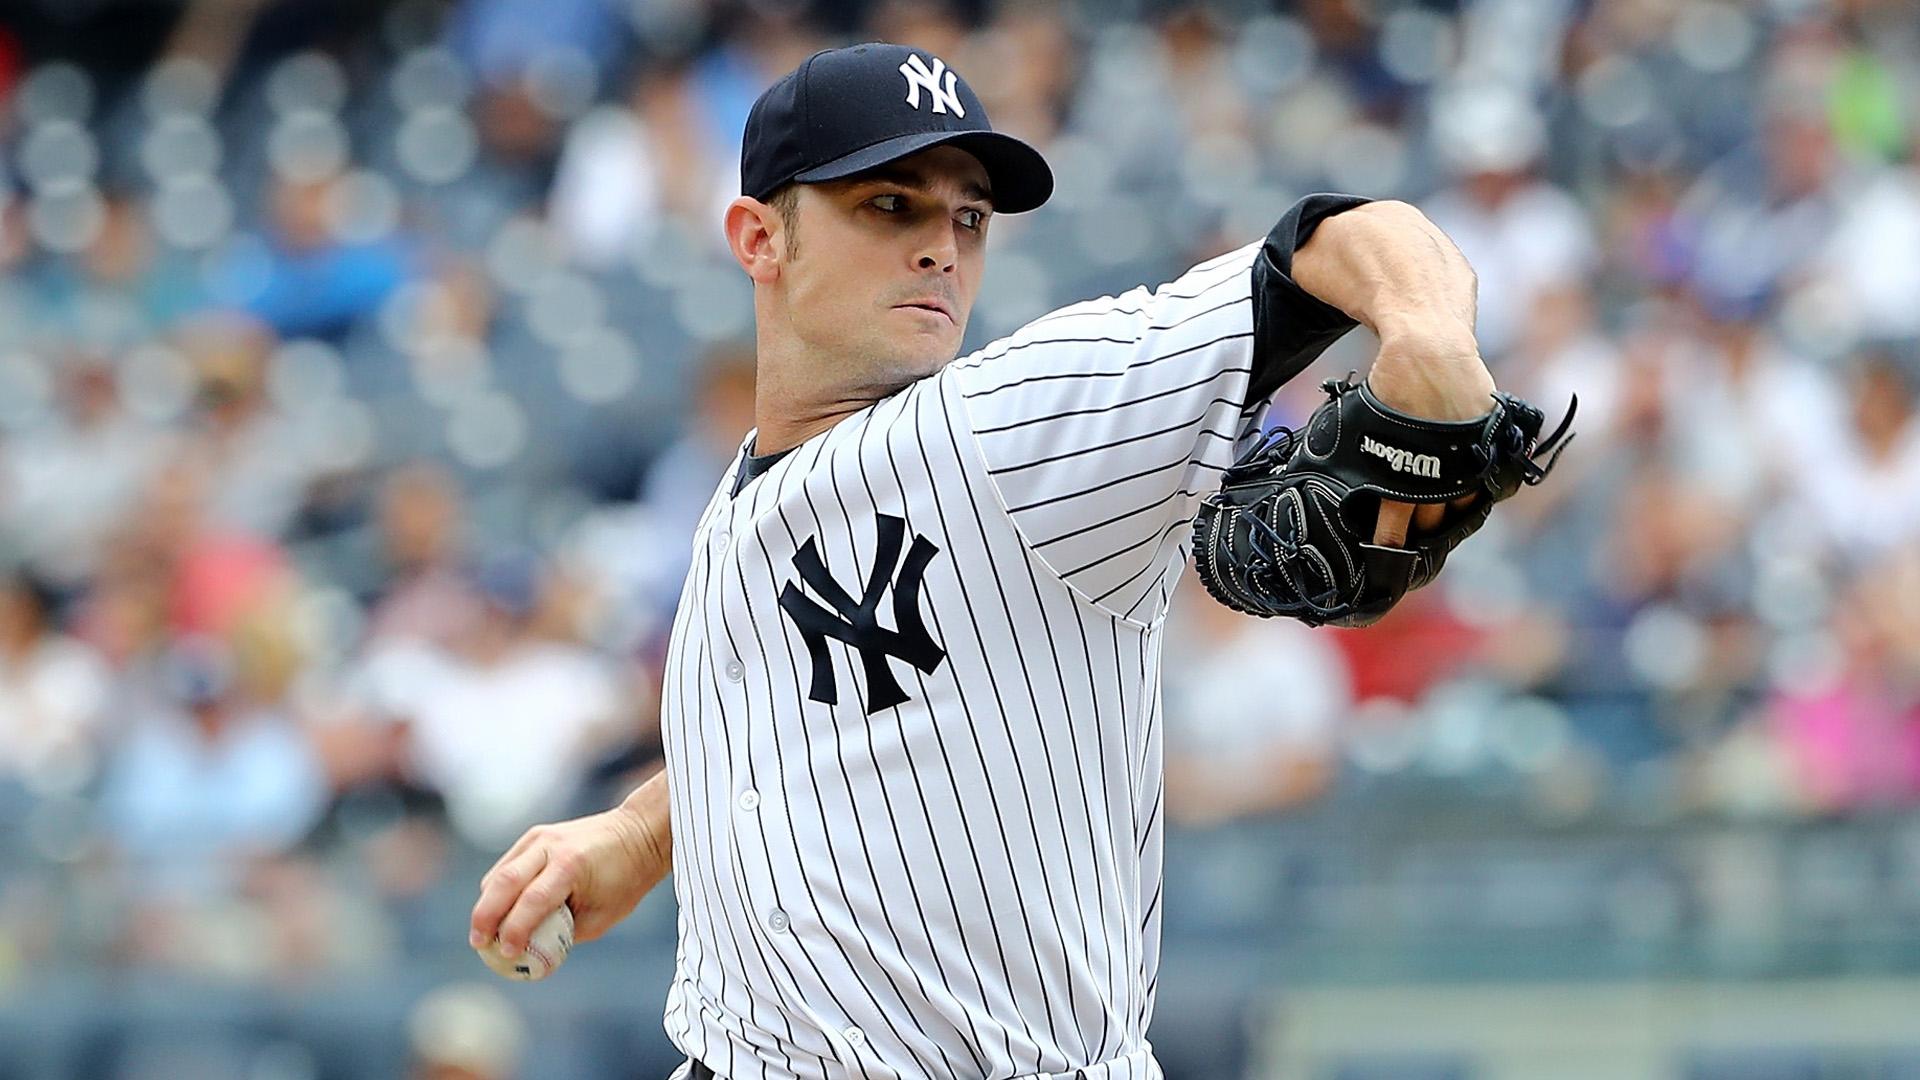 Happ dominant in winning Yankees debut